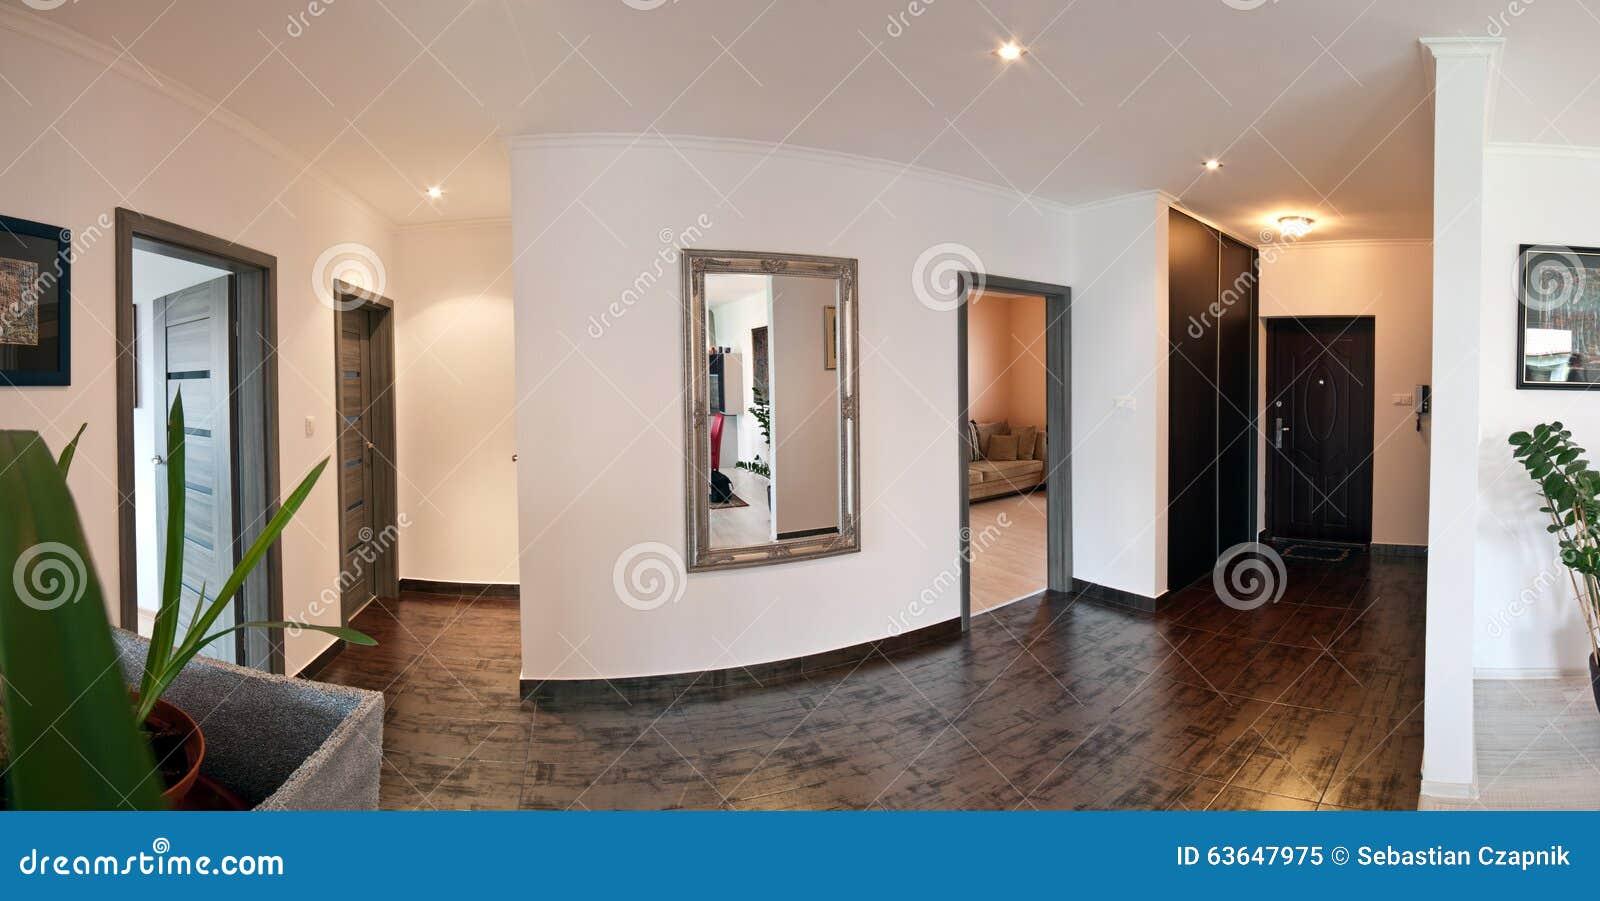 Couloir de maison moderne image stock. Image du architecte - 63647975